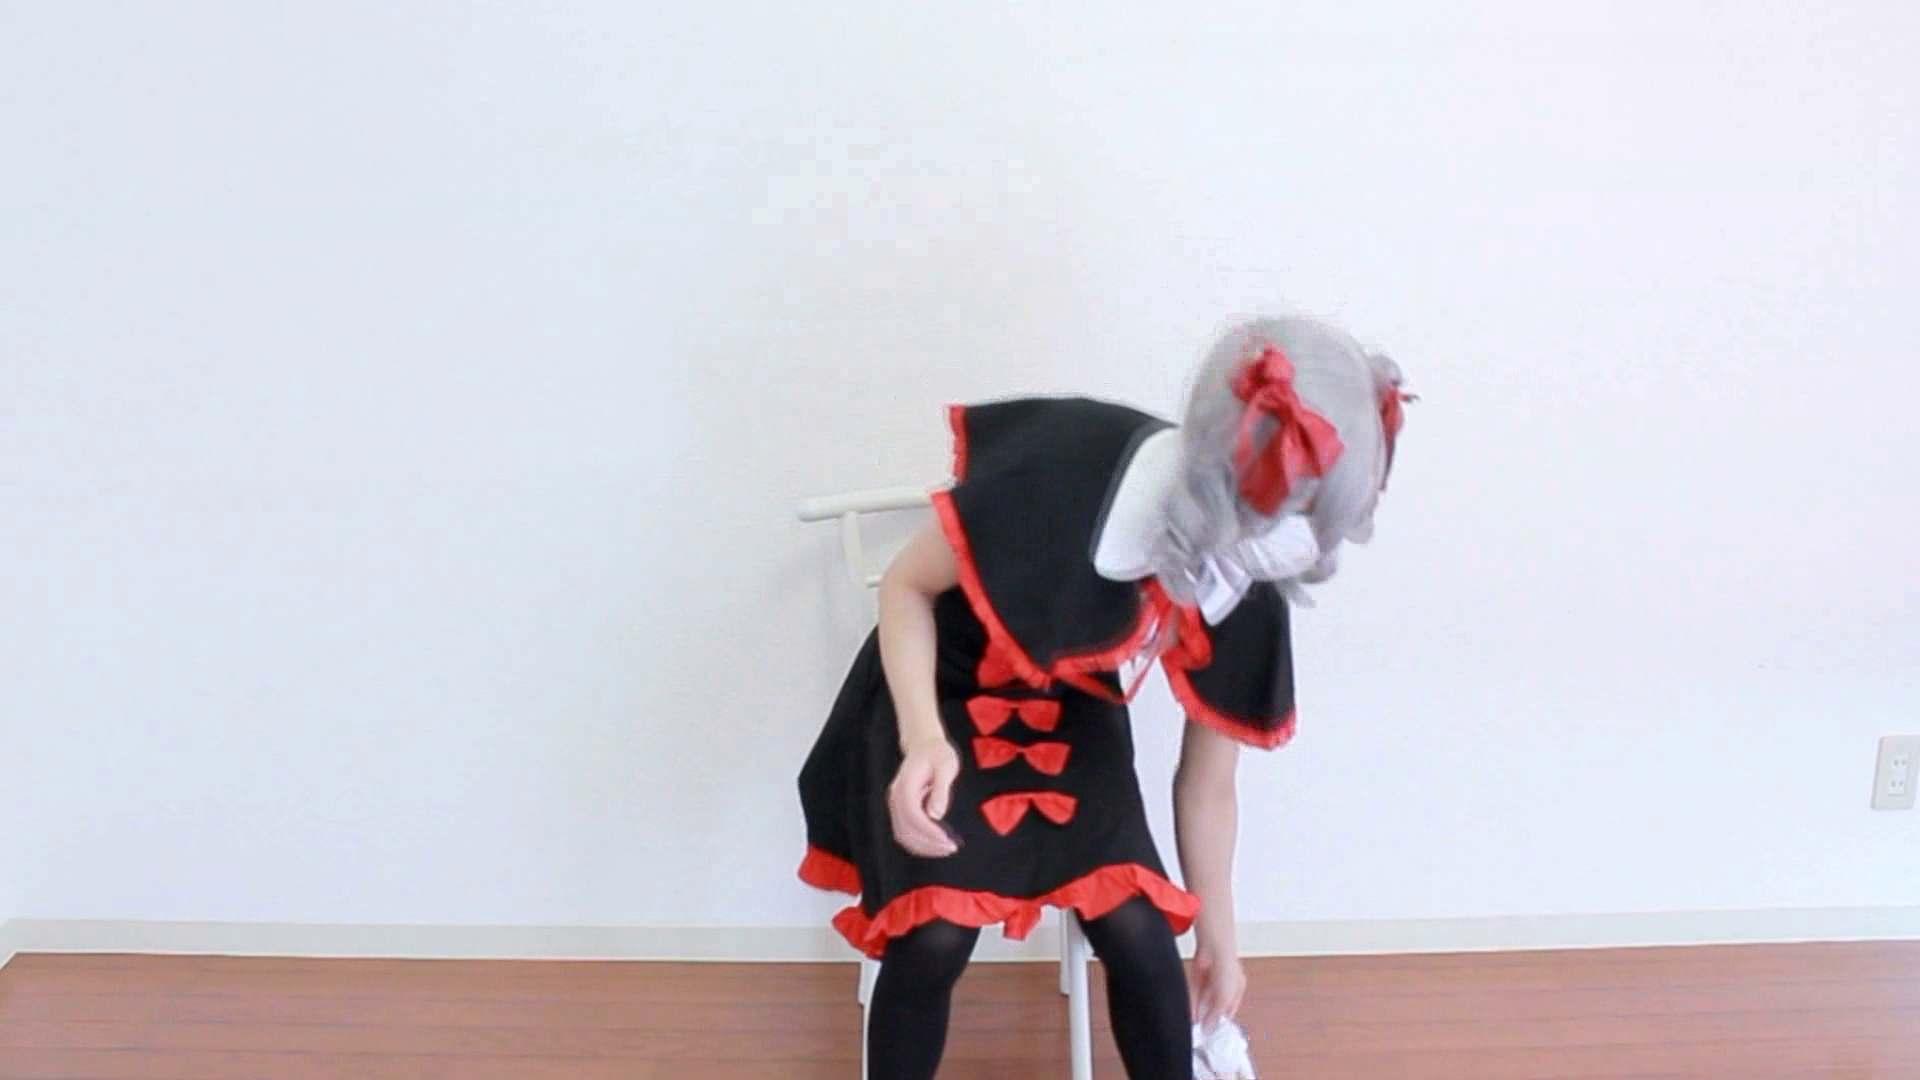 ぎゃんかわ男子のはれんちオナニー vol.01 オナニー  85pic 47